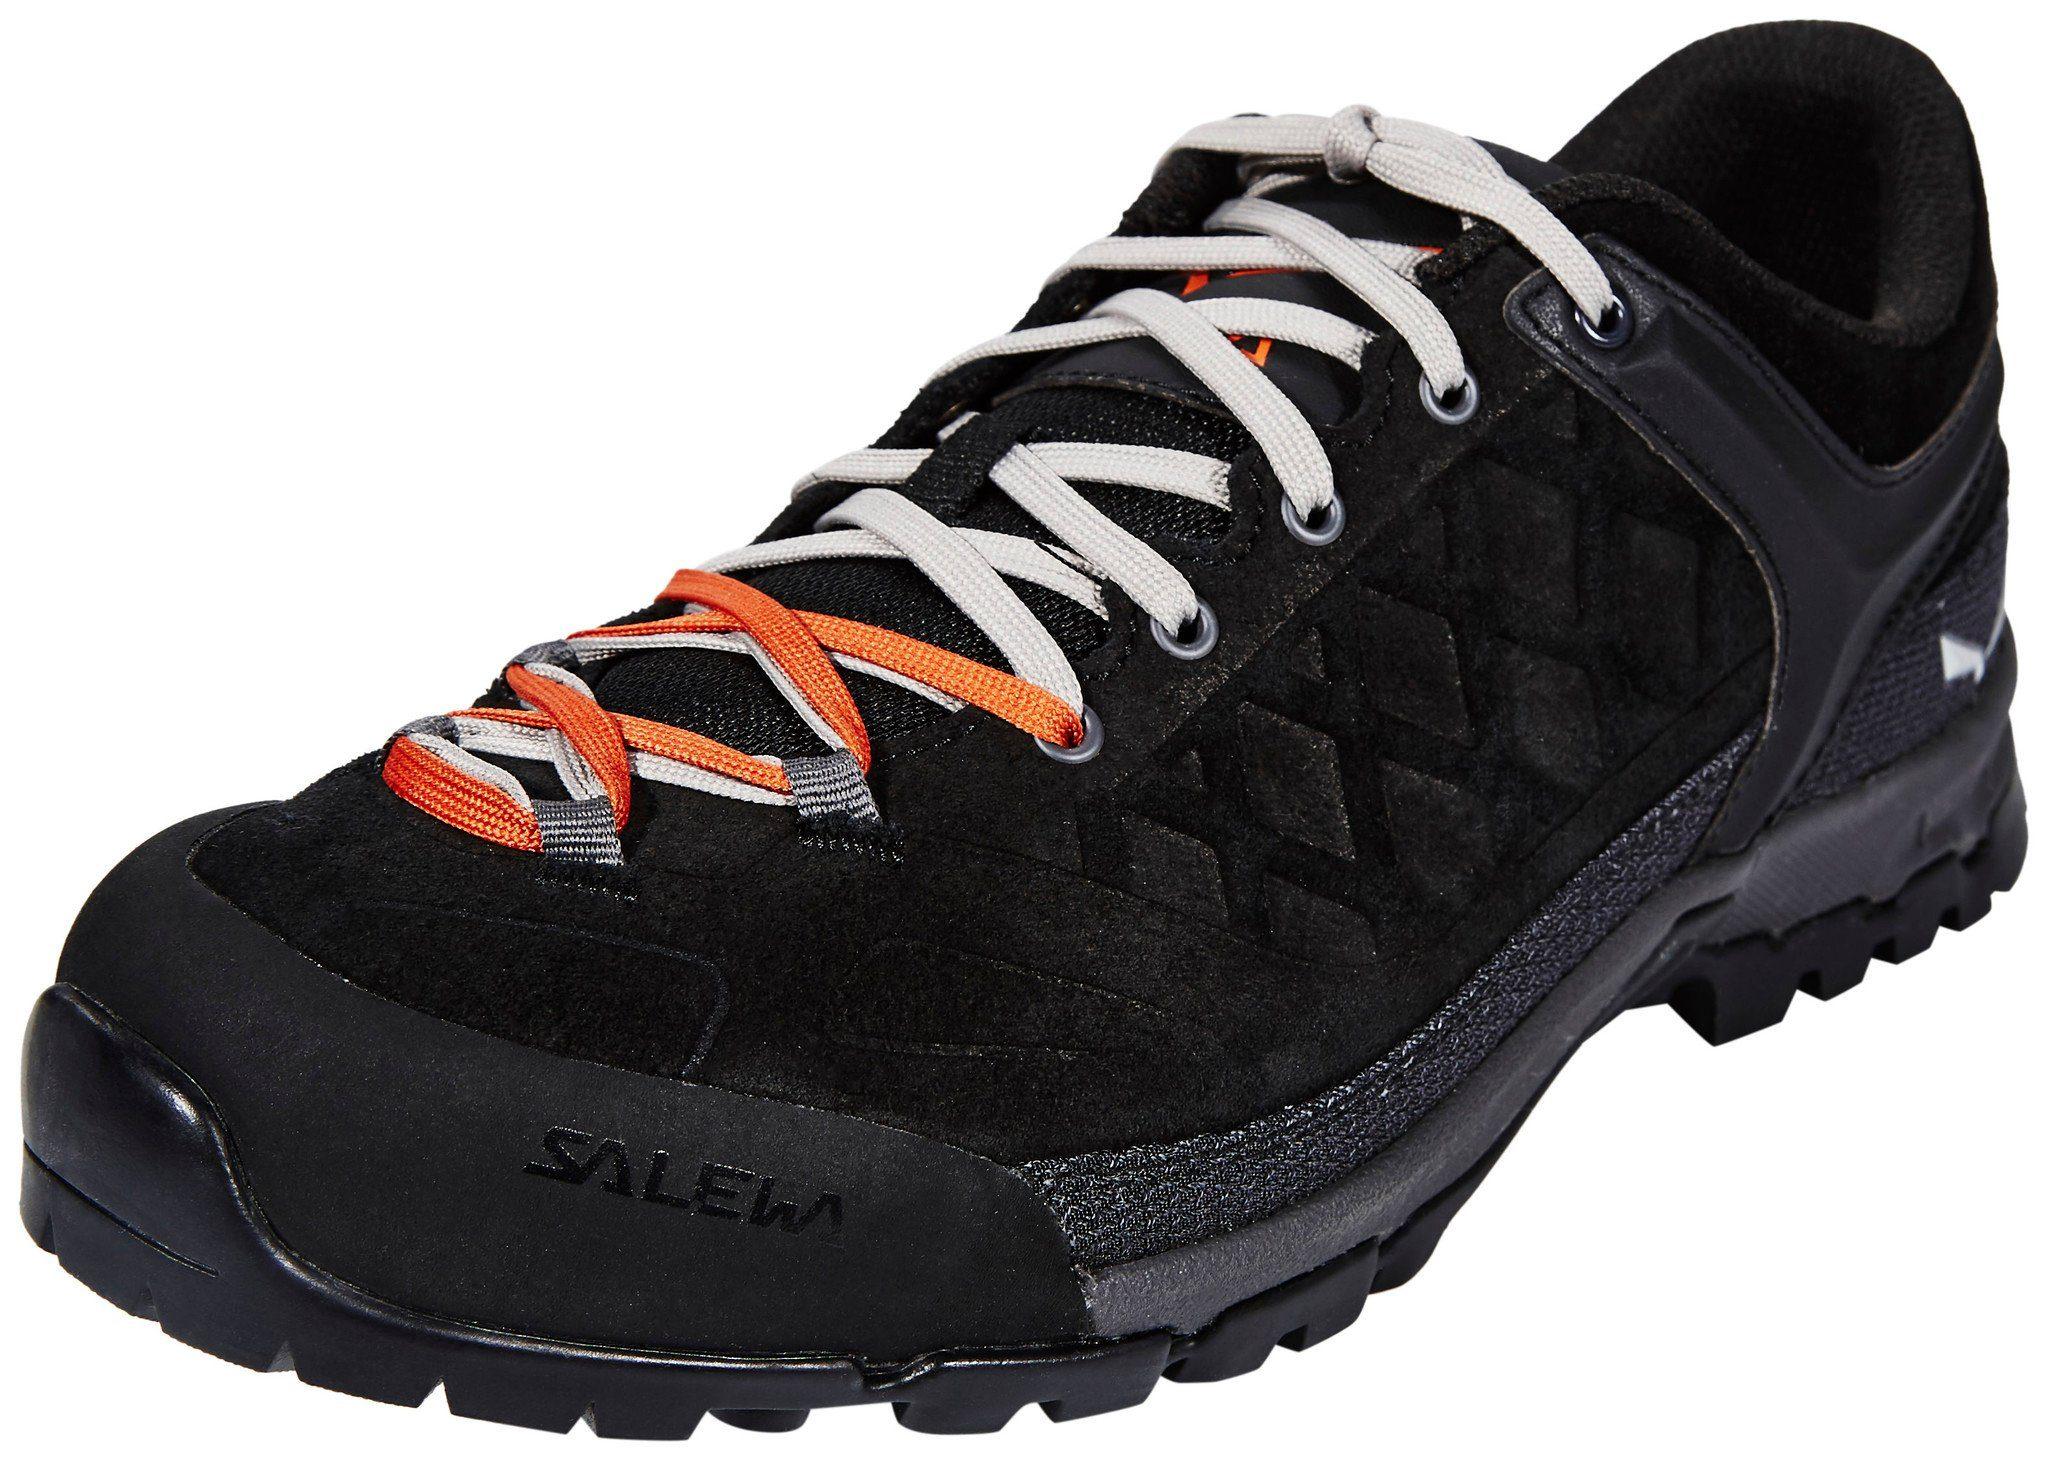 Salewa Kletterschuh Trektail Hiking Shoes Men  schwarz